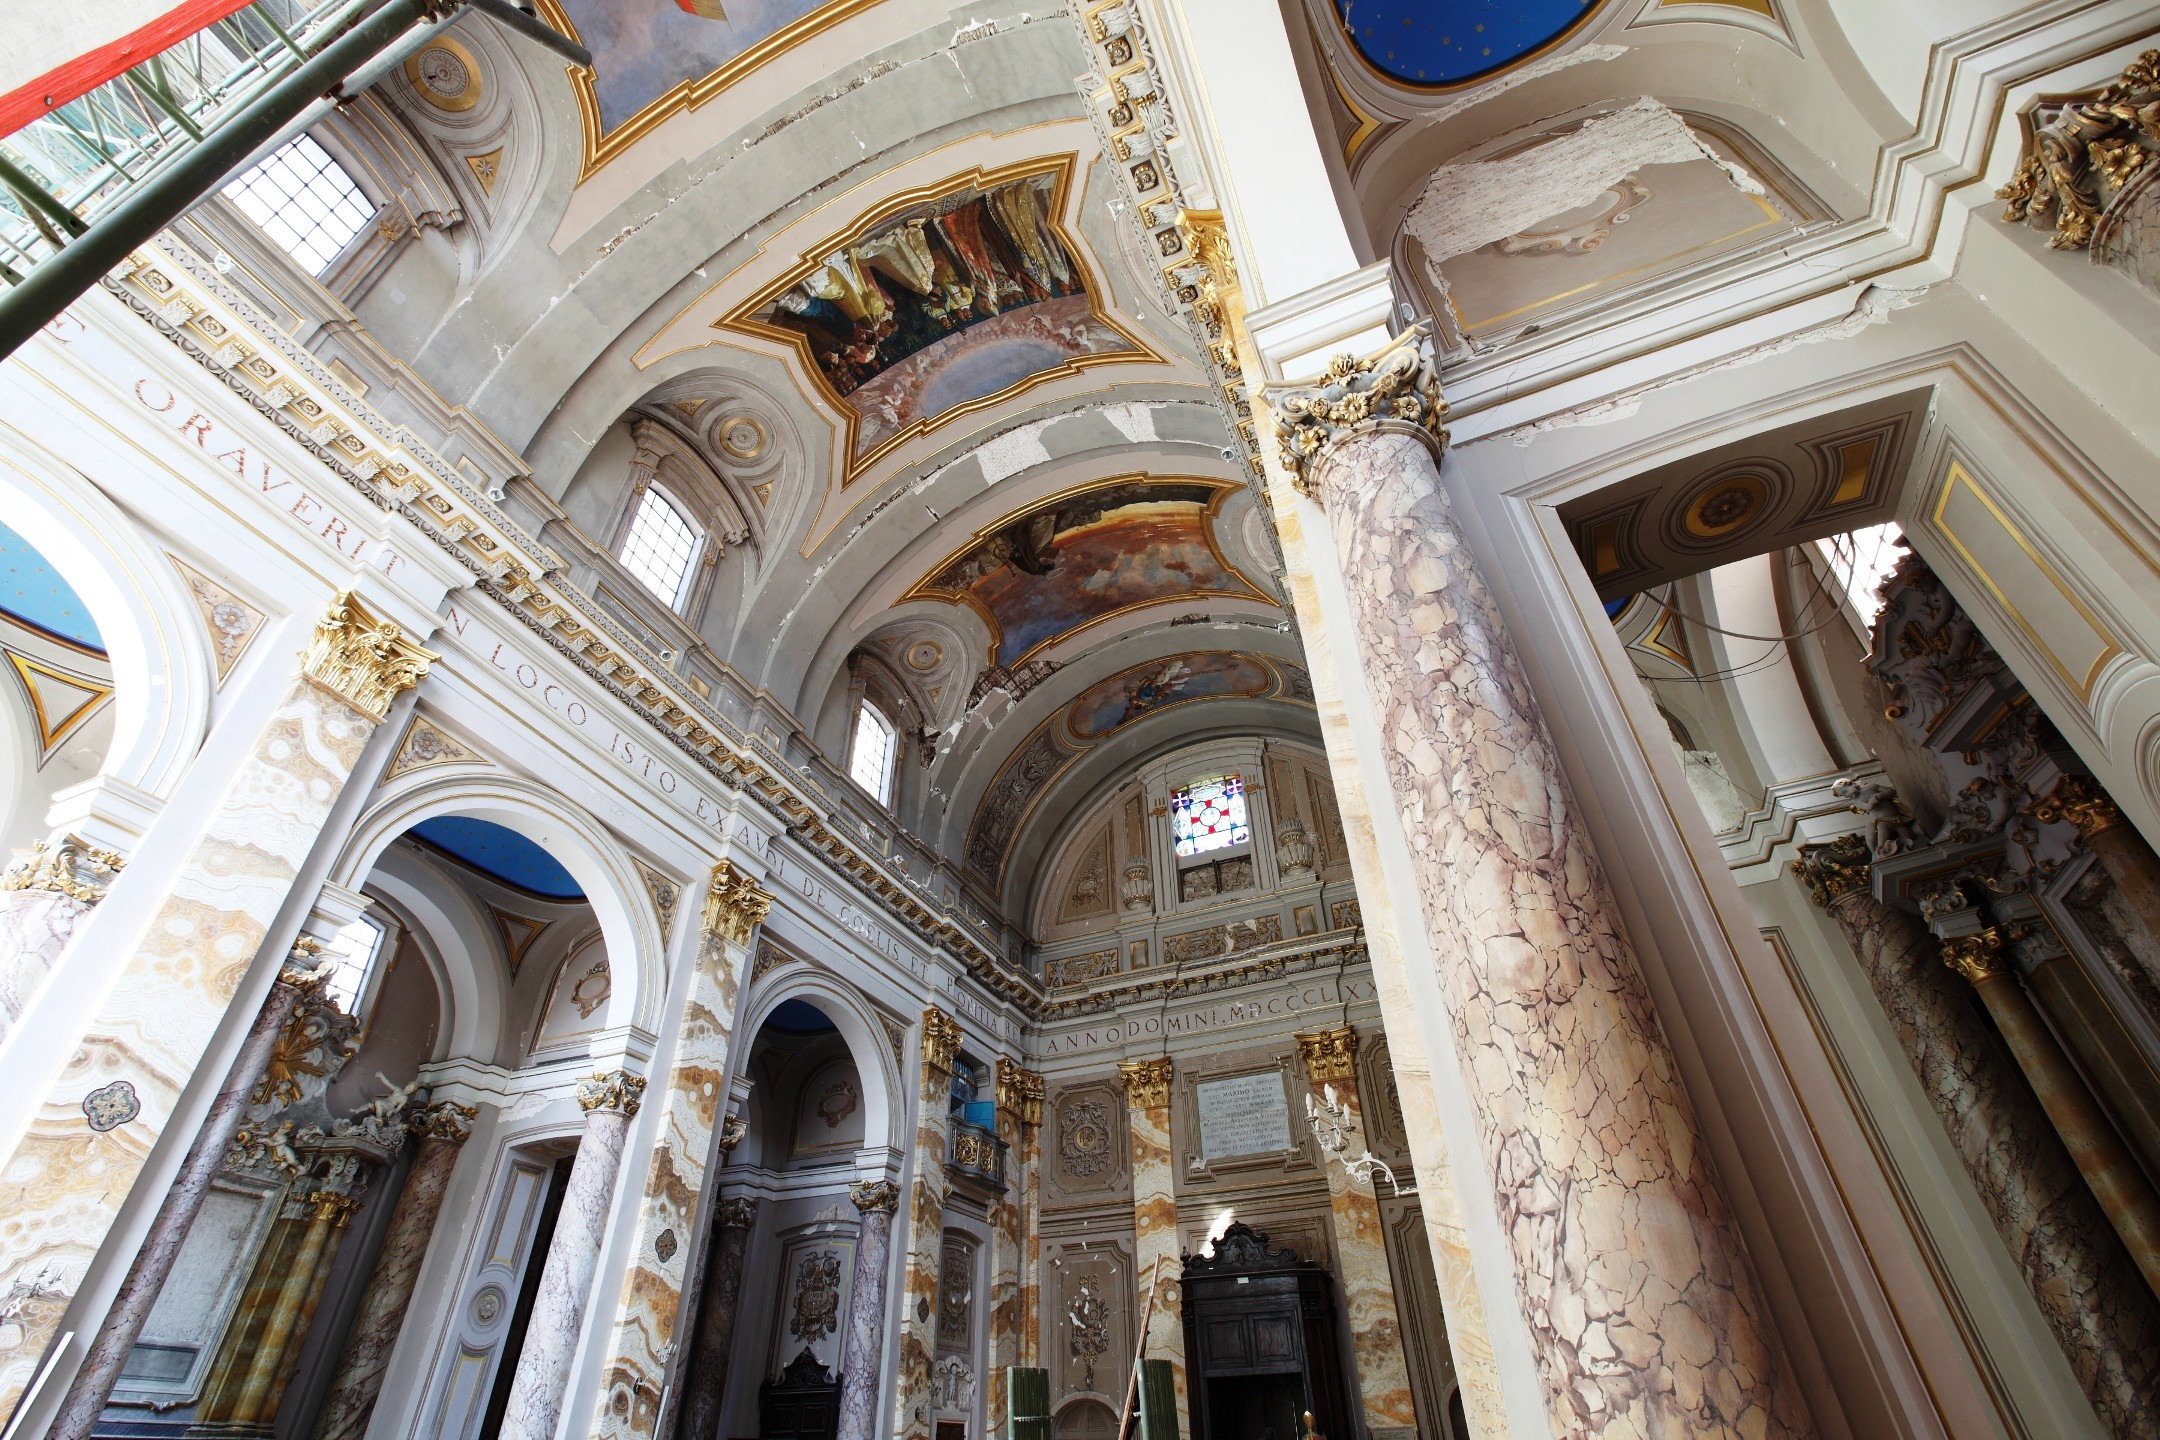 Intervento di messa in sicurezza per la Cattedrale di San Massimo a L'Aquila